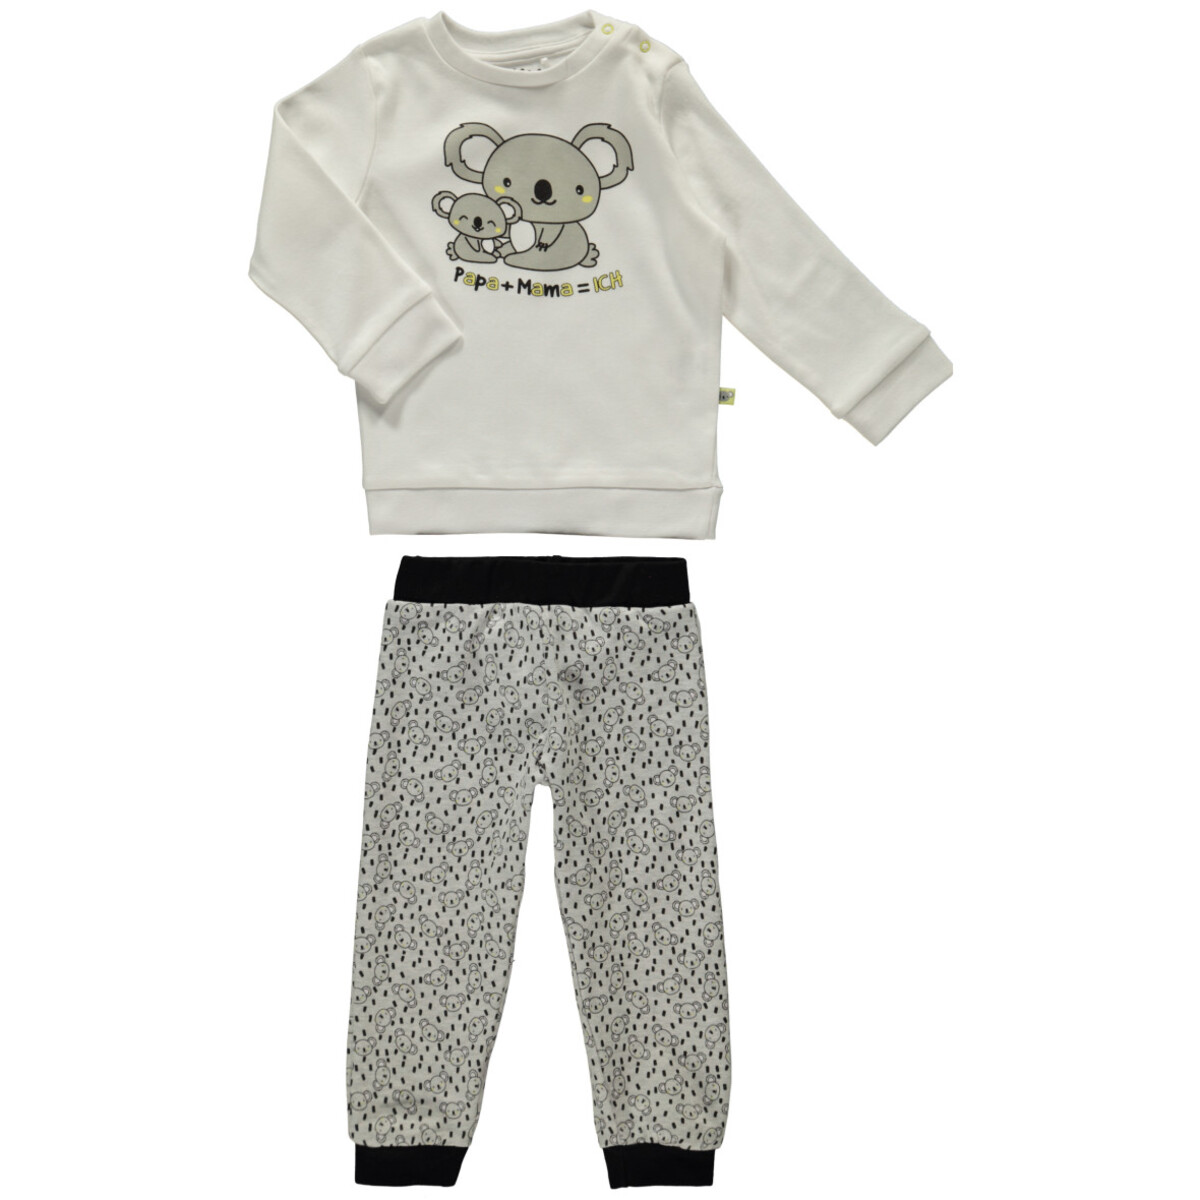 Bild 1 von Baby Pyjama mit Koala Motiv